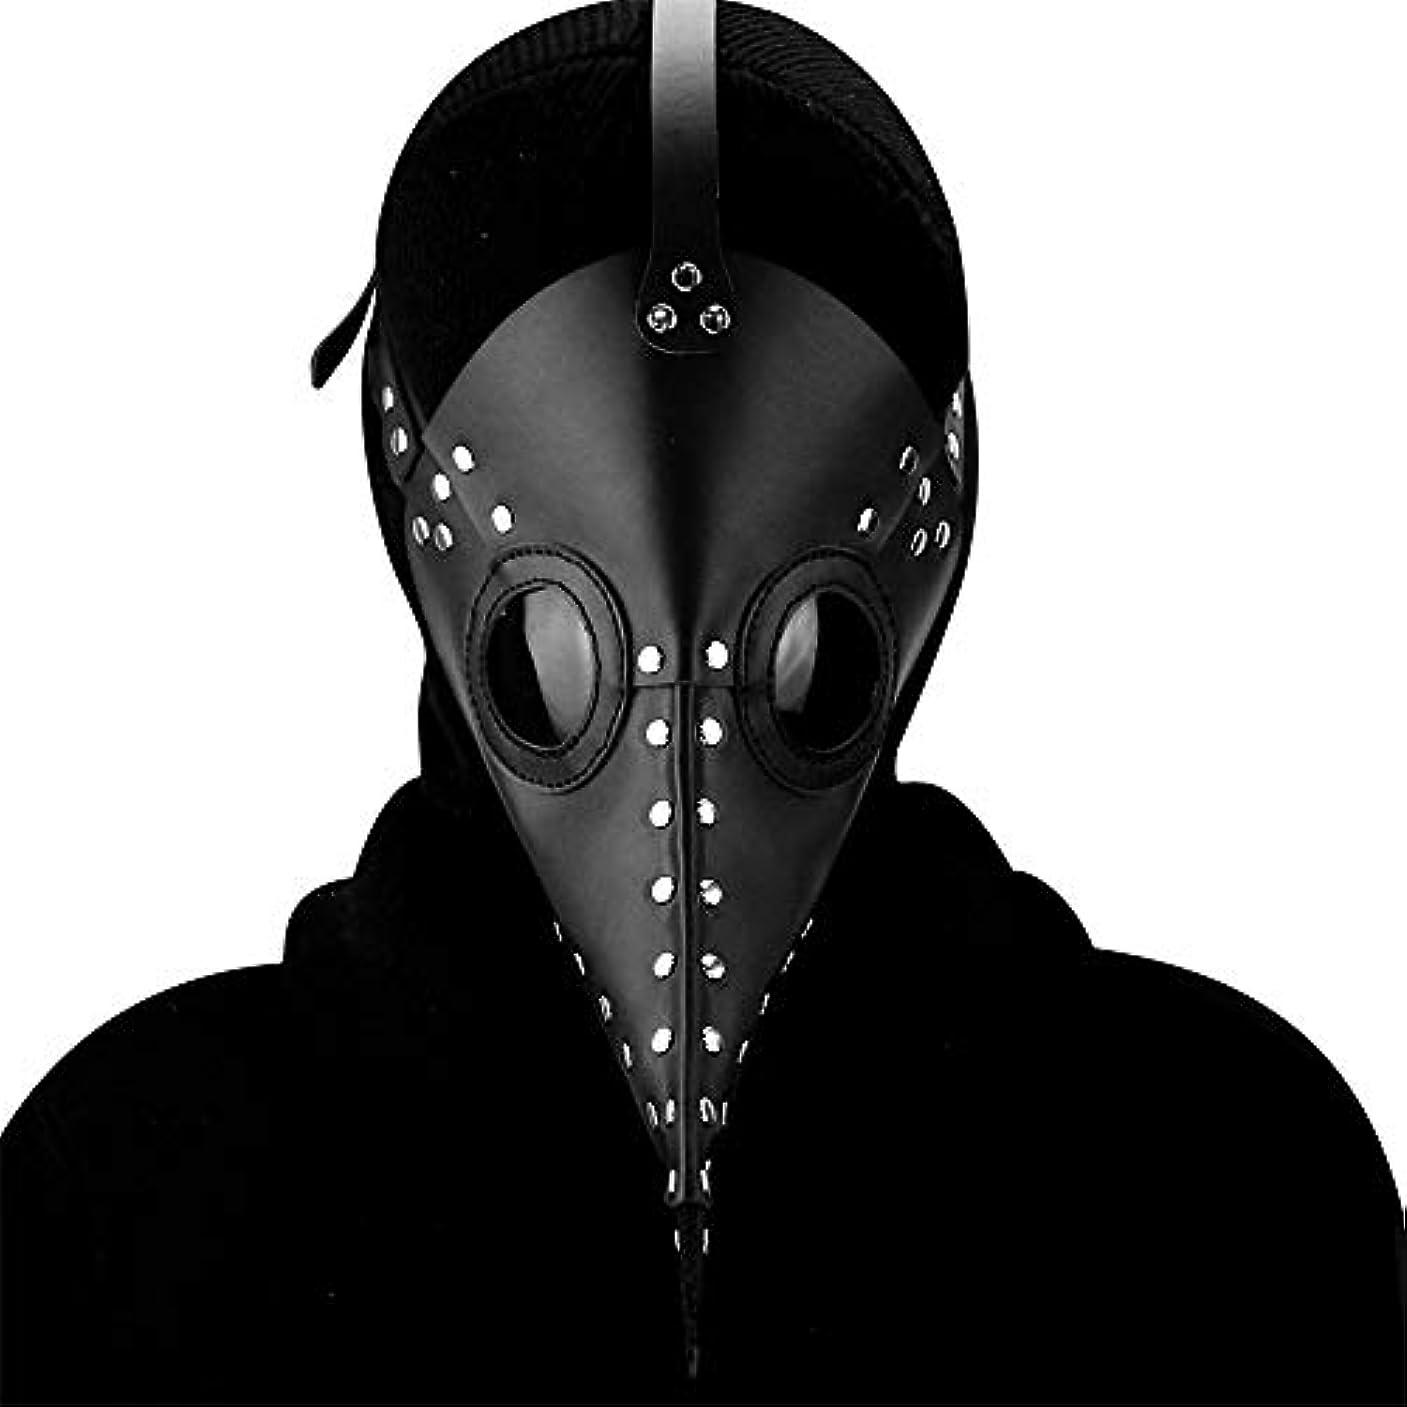 港無駄な後方にハロウィーンペストビークマスクパーティーの小道具仮装